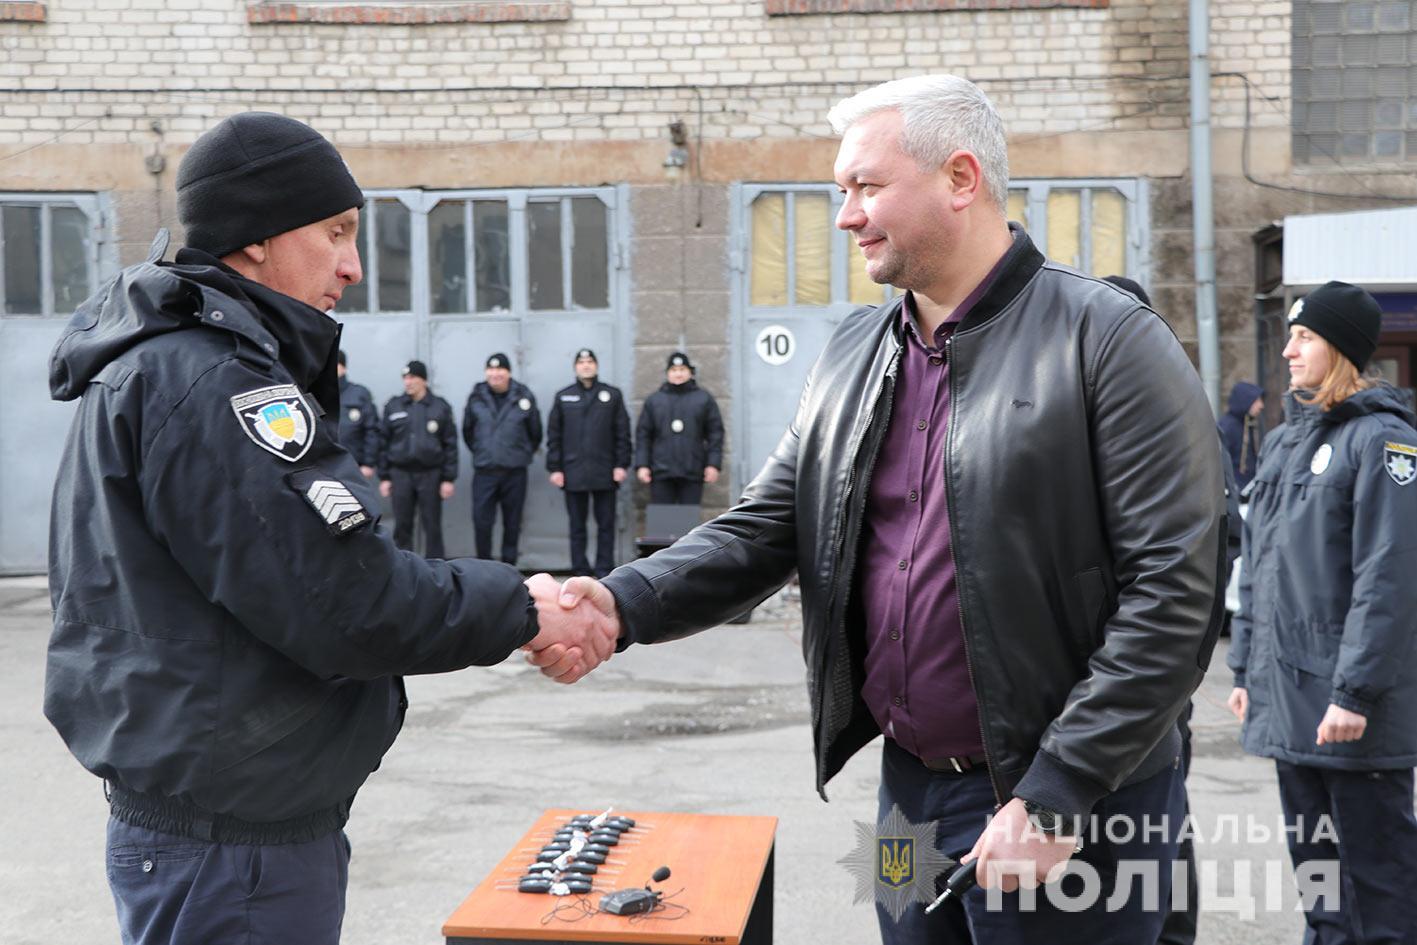 Днепровской полиции охраны вручили 10 новых служебных автомобиля. Новости Днепра